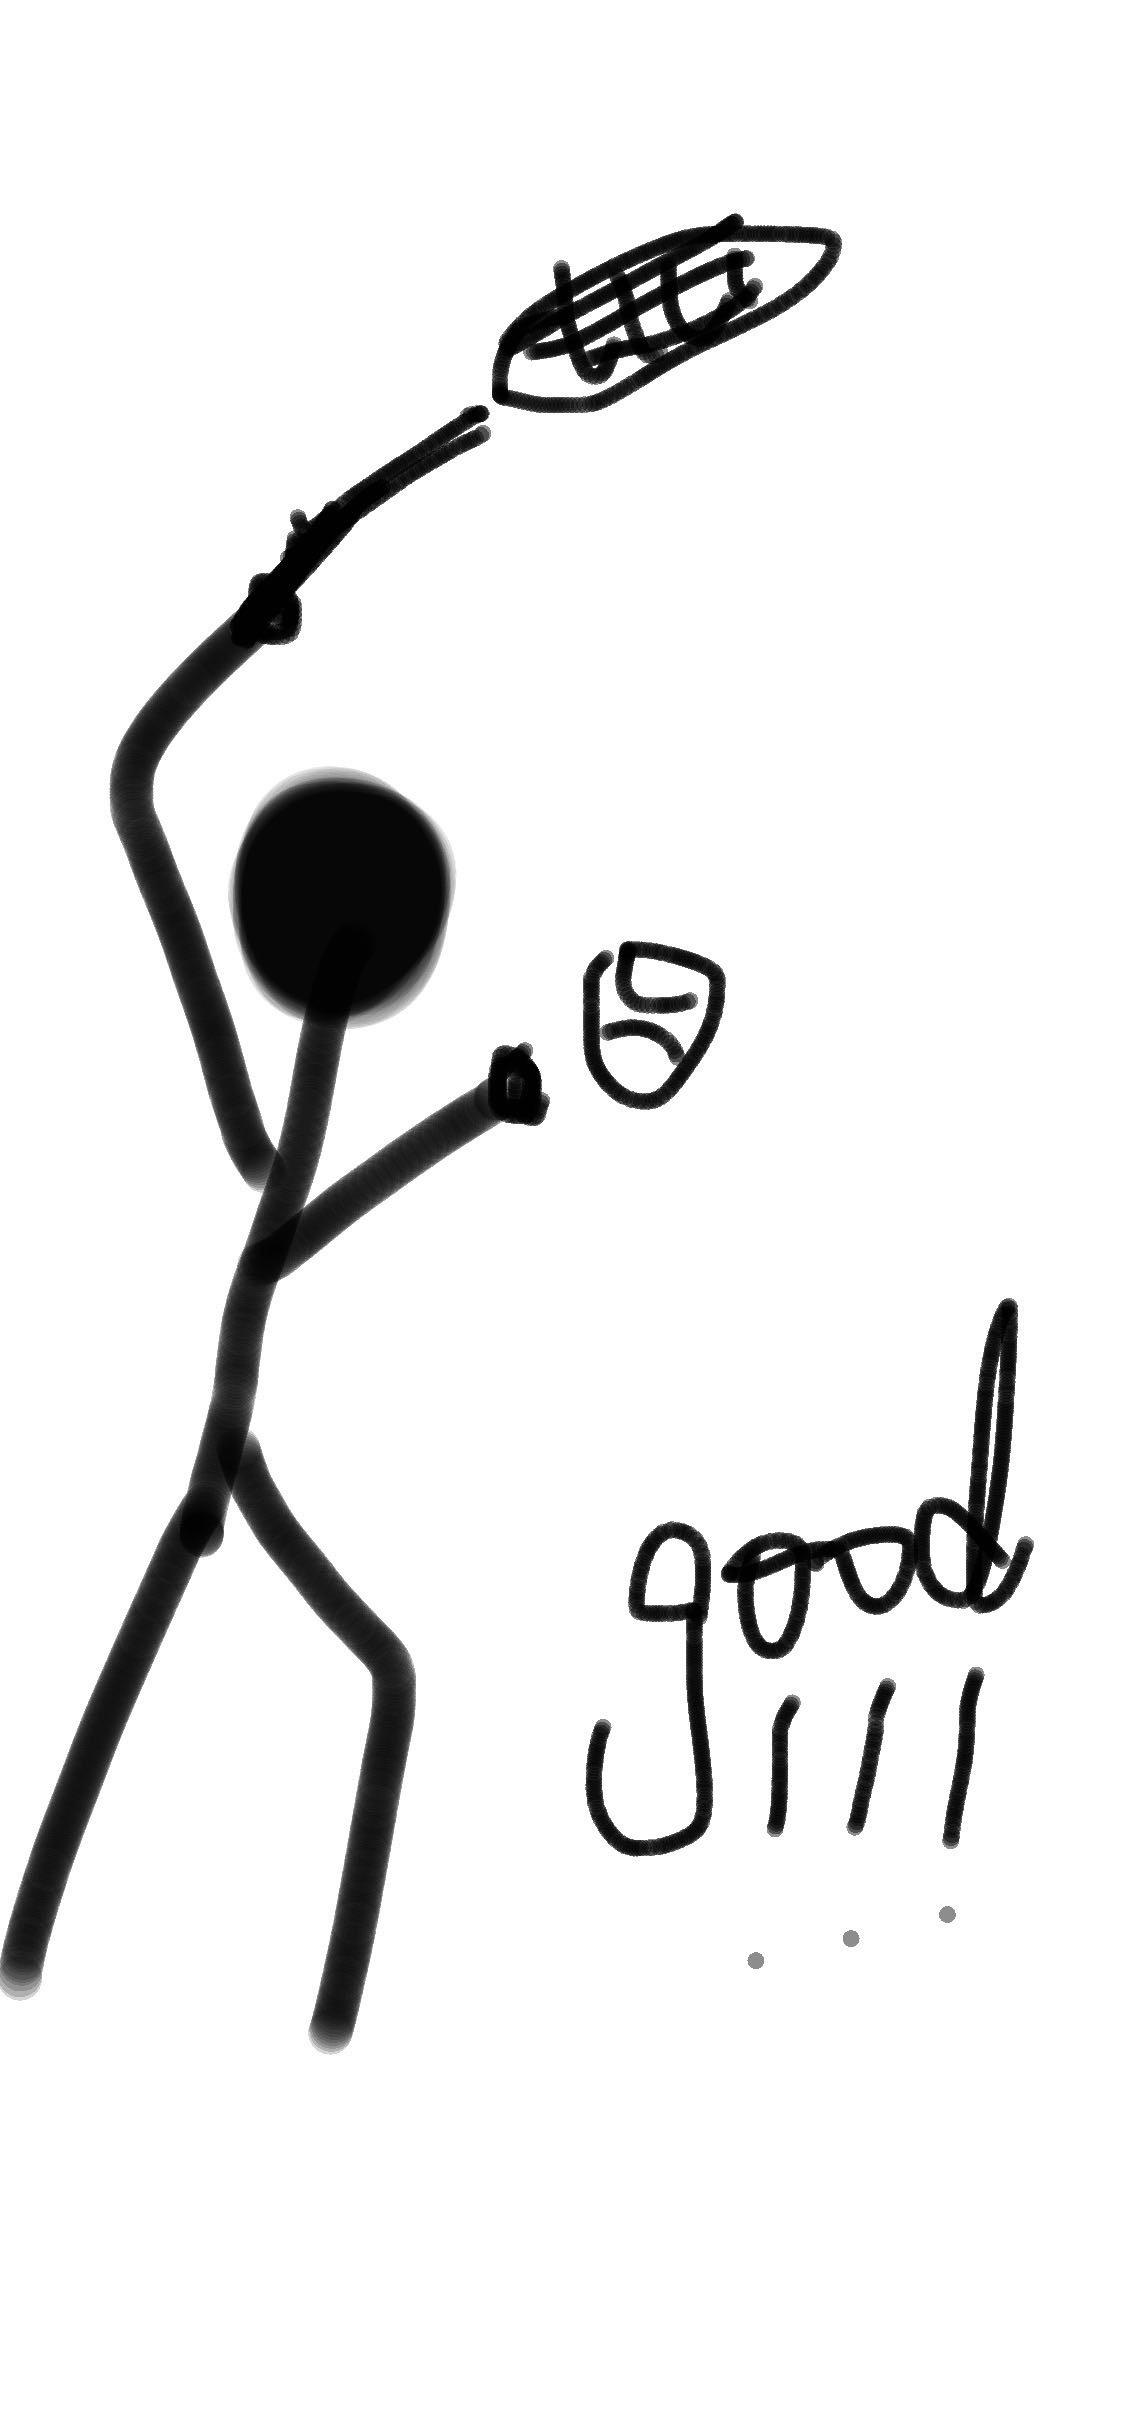 非典型网球